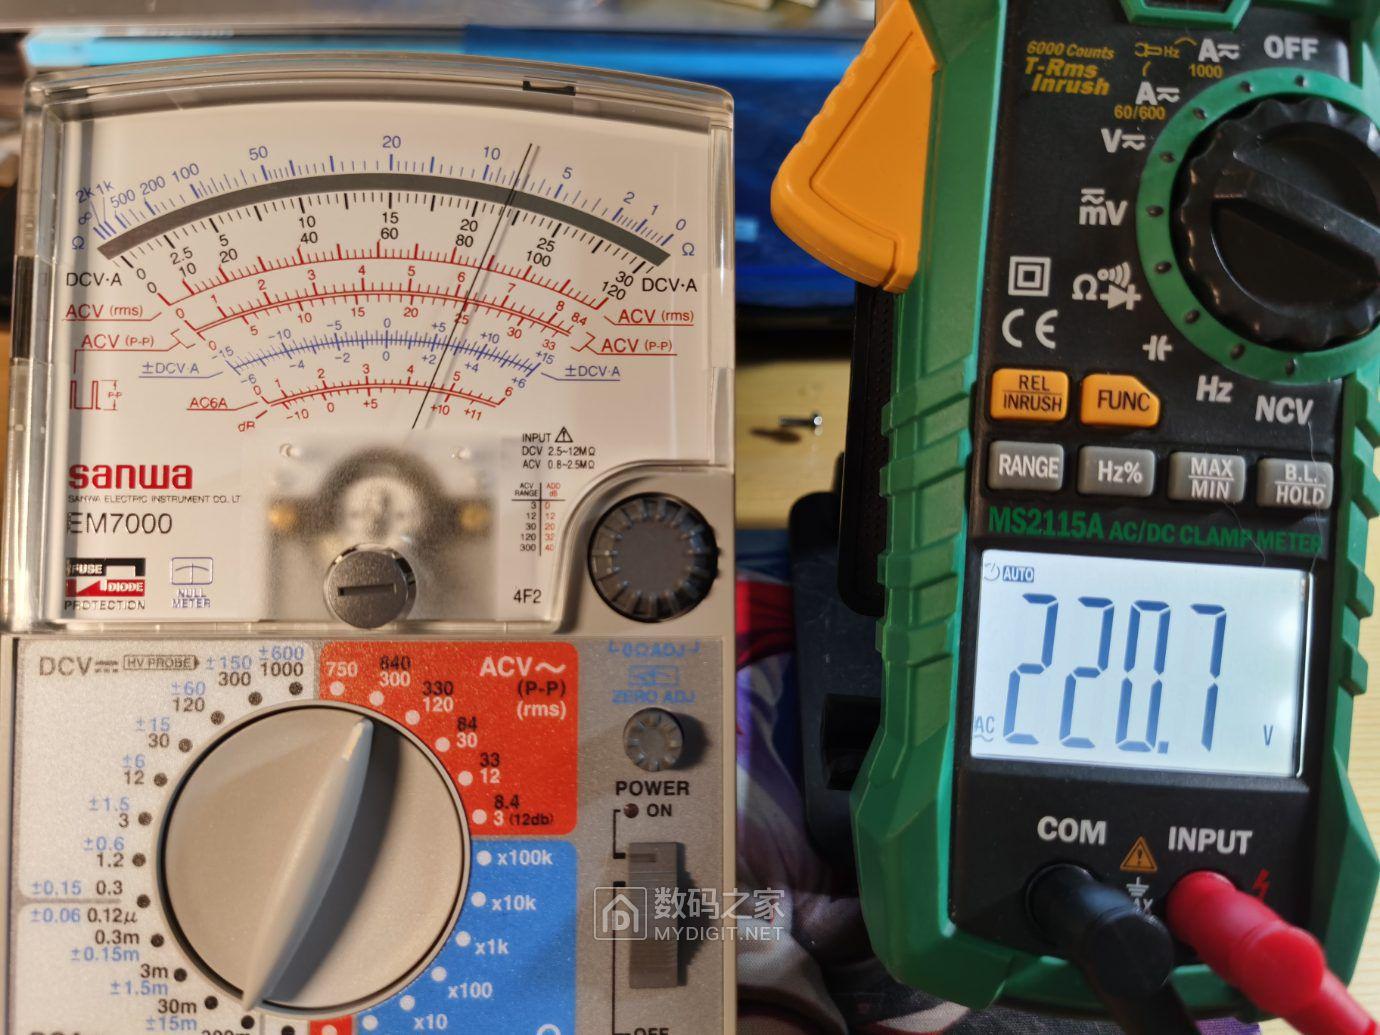 63.EM7000与MS2115A对比.jpg